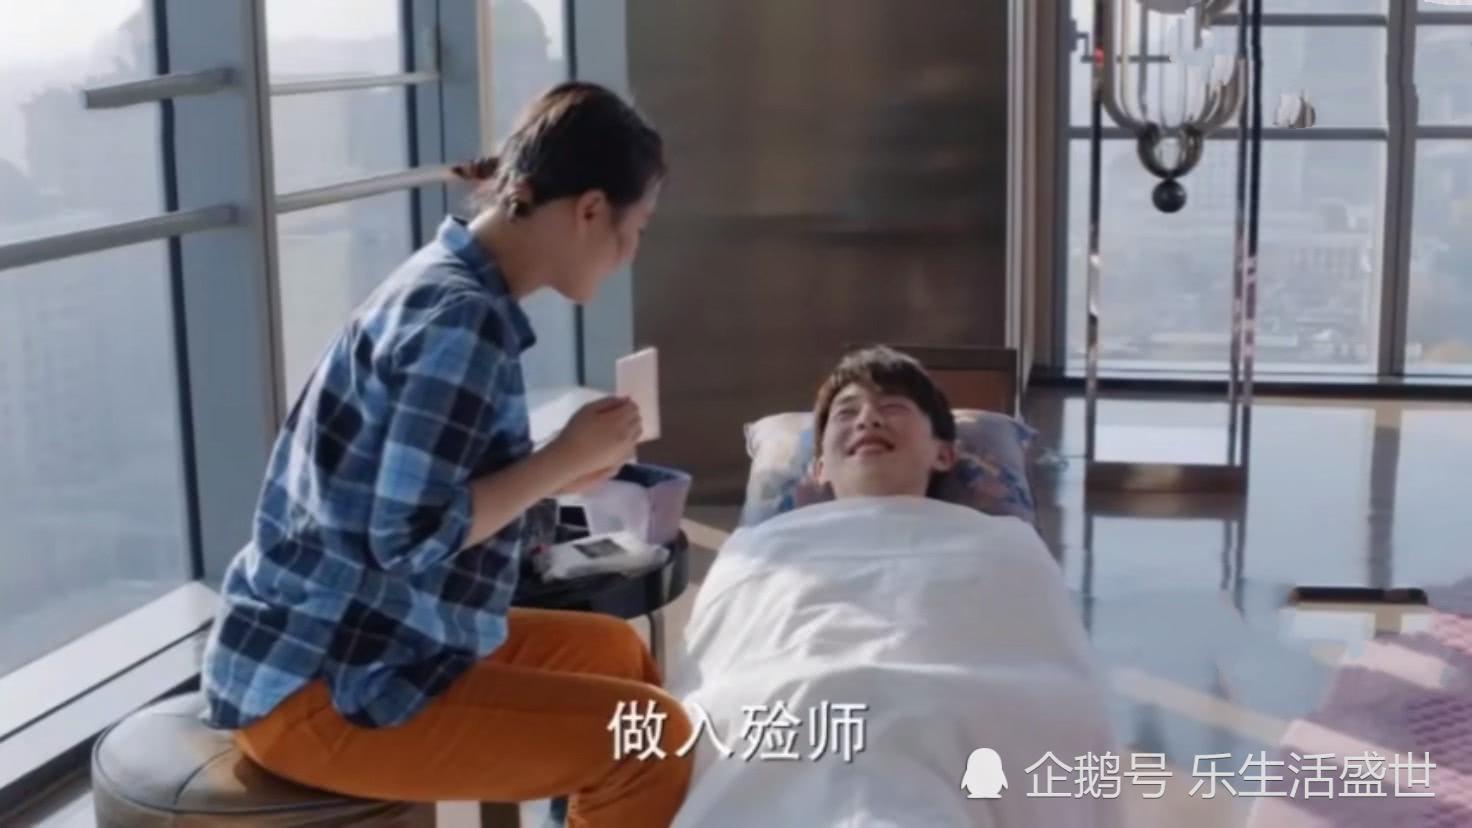 加油你最棒:郝泽宇入殓师妆发,福子化妆技术有限,福宇cp太逗